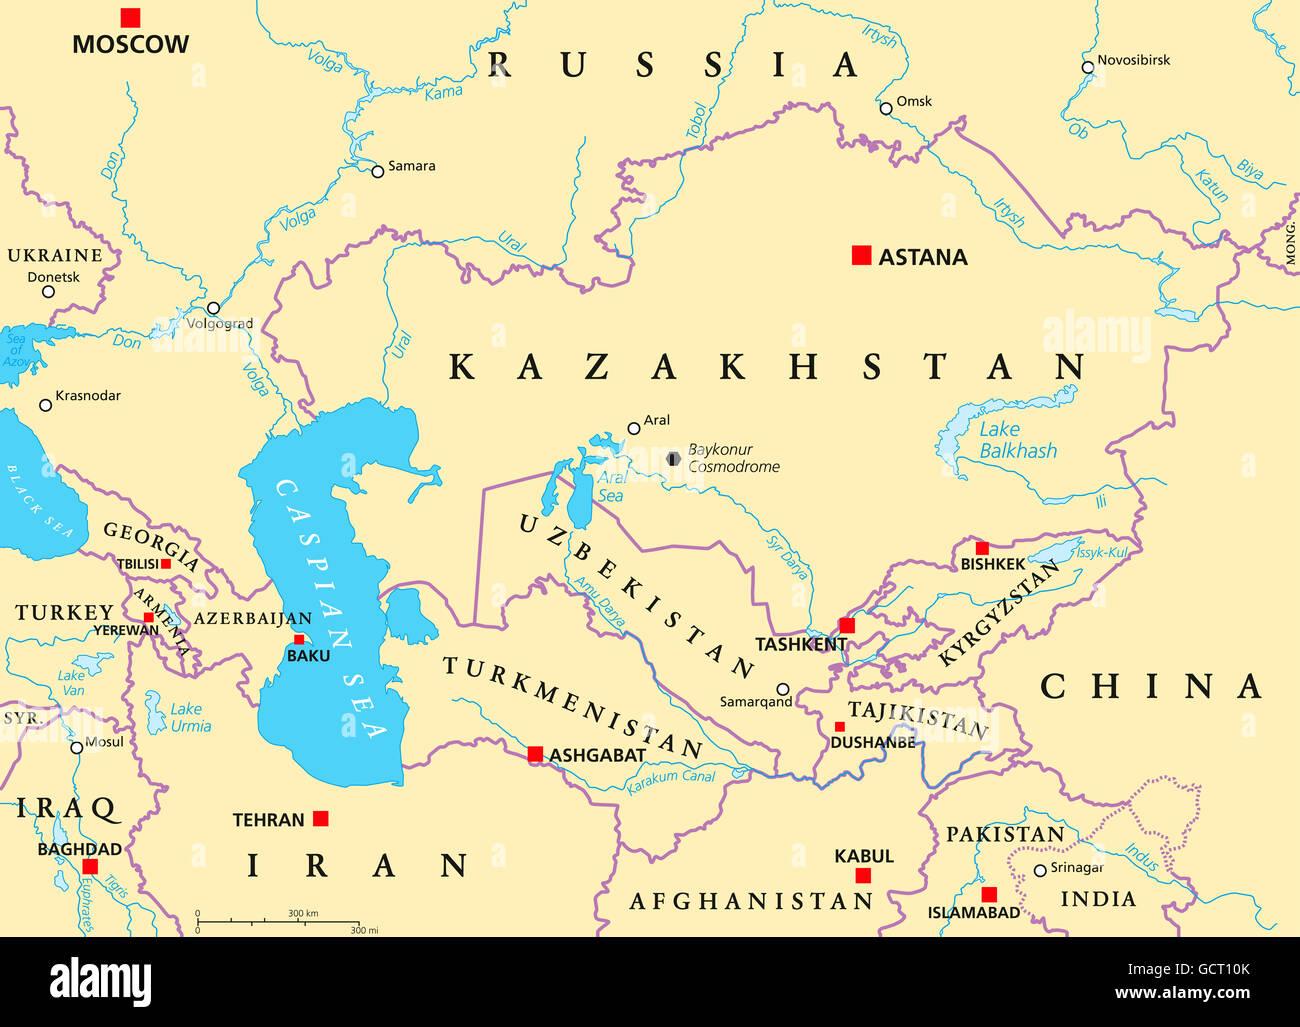 Asia Centrale Cartina Geografica.Caucaso E Asia Centrale Mappa Politico Con I Paesi E I Loro Capitelli E Le Frontiere Nazionali Importanti Citta Fiumi E Laghi Foto Stock Alamy